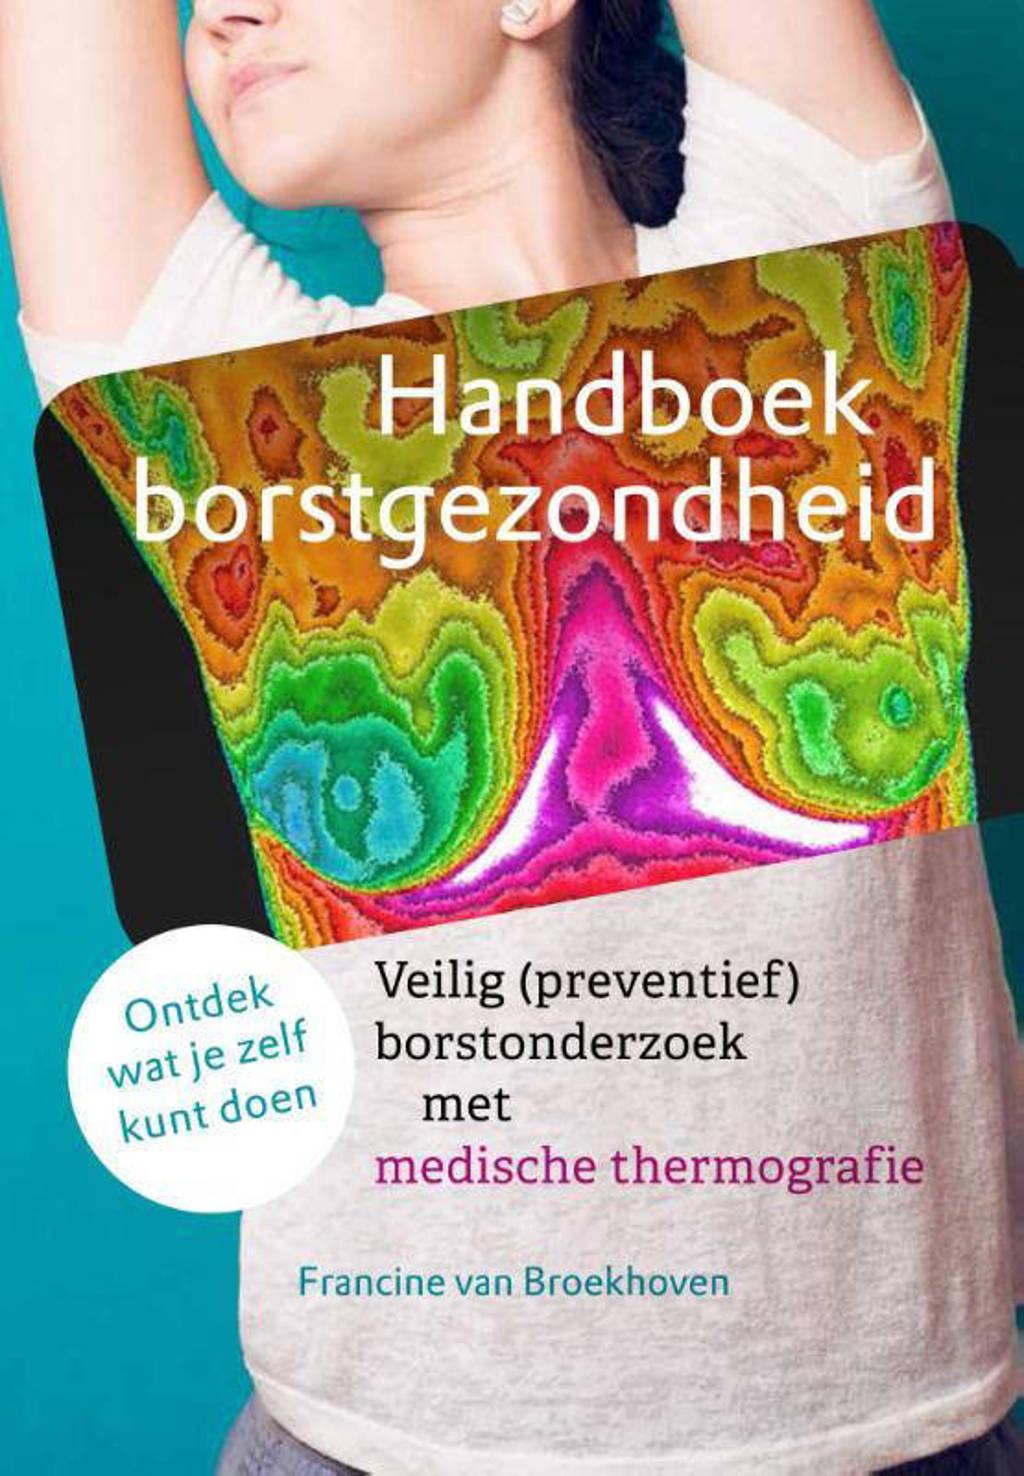 Handboek borstgezondheid - Francine van Broekhoven